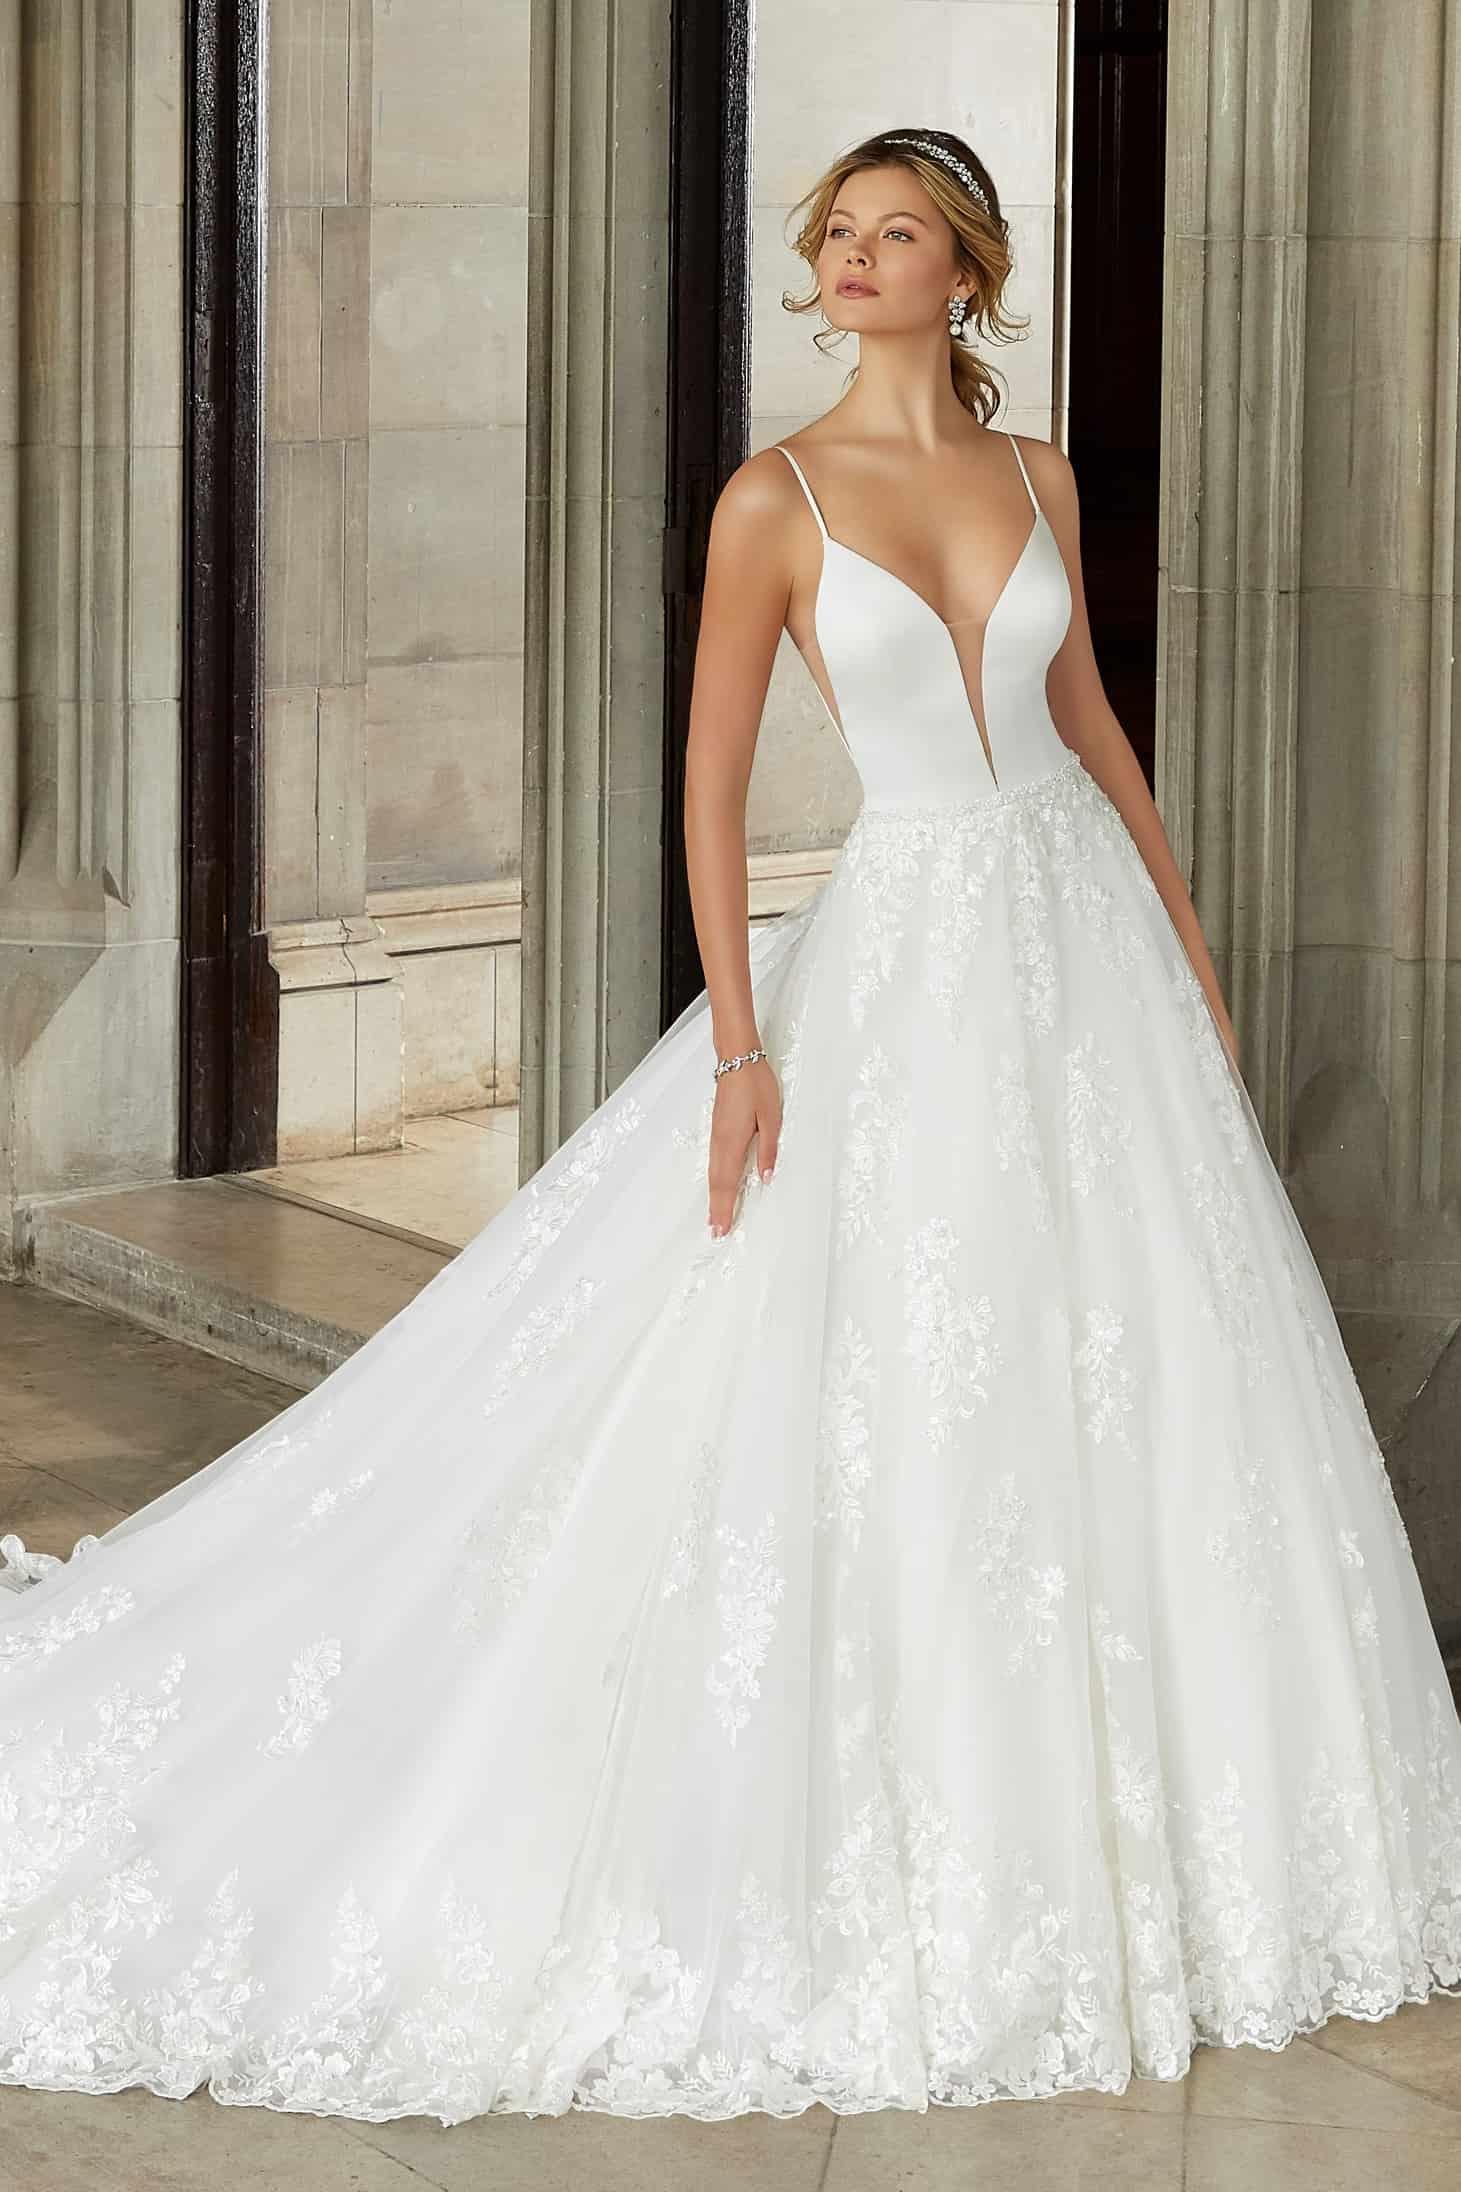 """Elegáns, modern, hercegnő stílusú esküvői ruha szatén bodyval és hatalmas csipkeszoknyával. Style: """"Suki/2125"""" a Morilee 2021 évi előkollekciójából."""